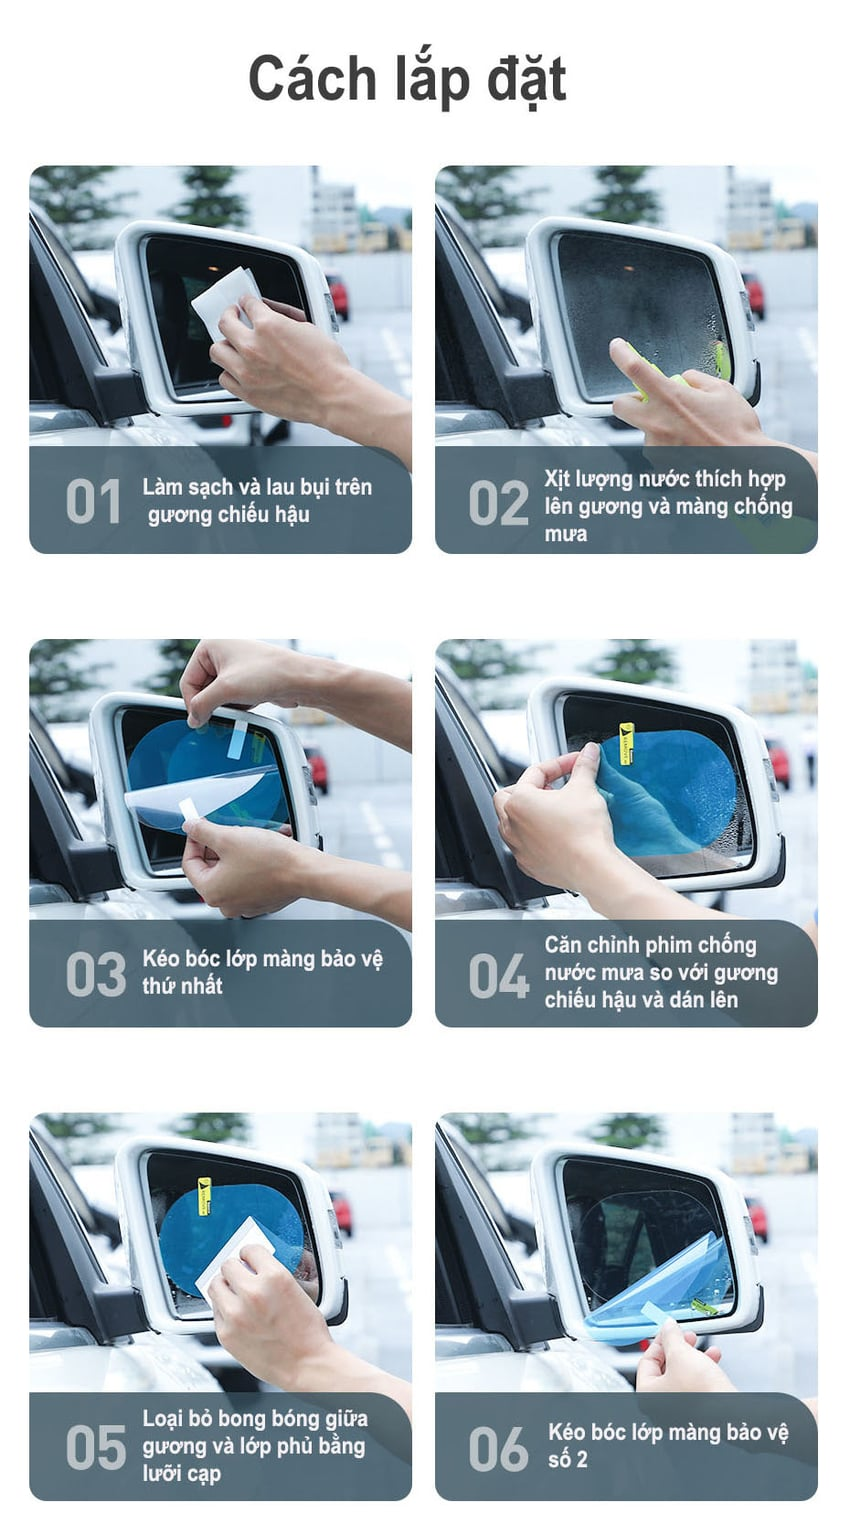 Miếng dán chống nước cho gương chiêu hậu ô tô chính hãng Baseus